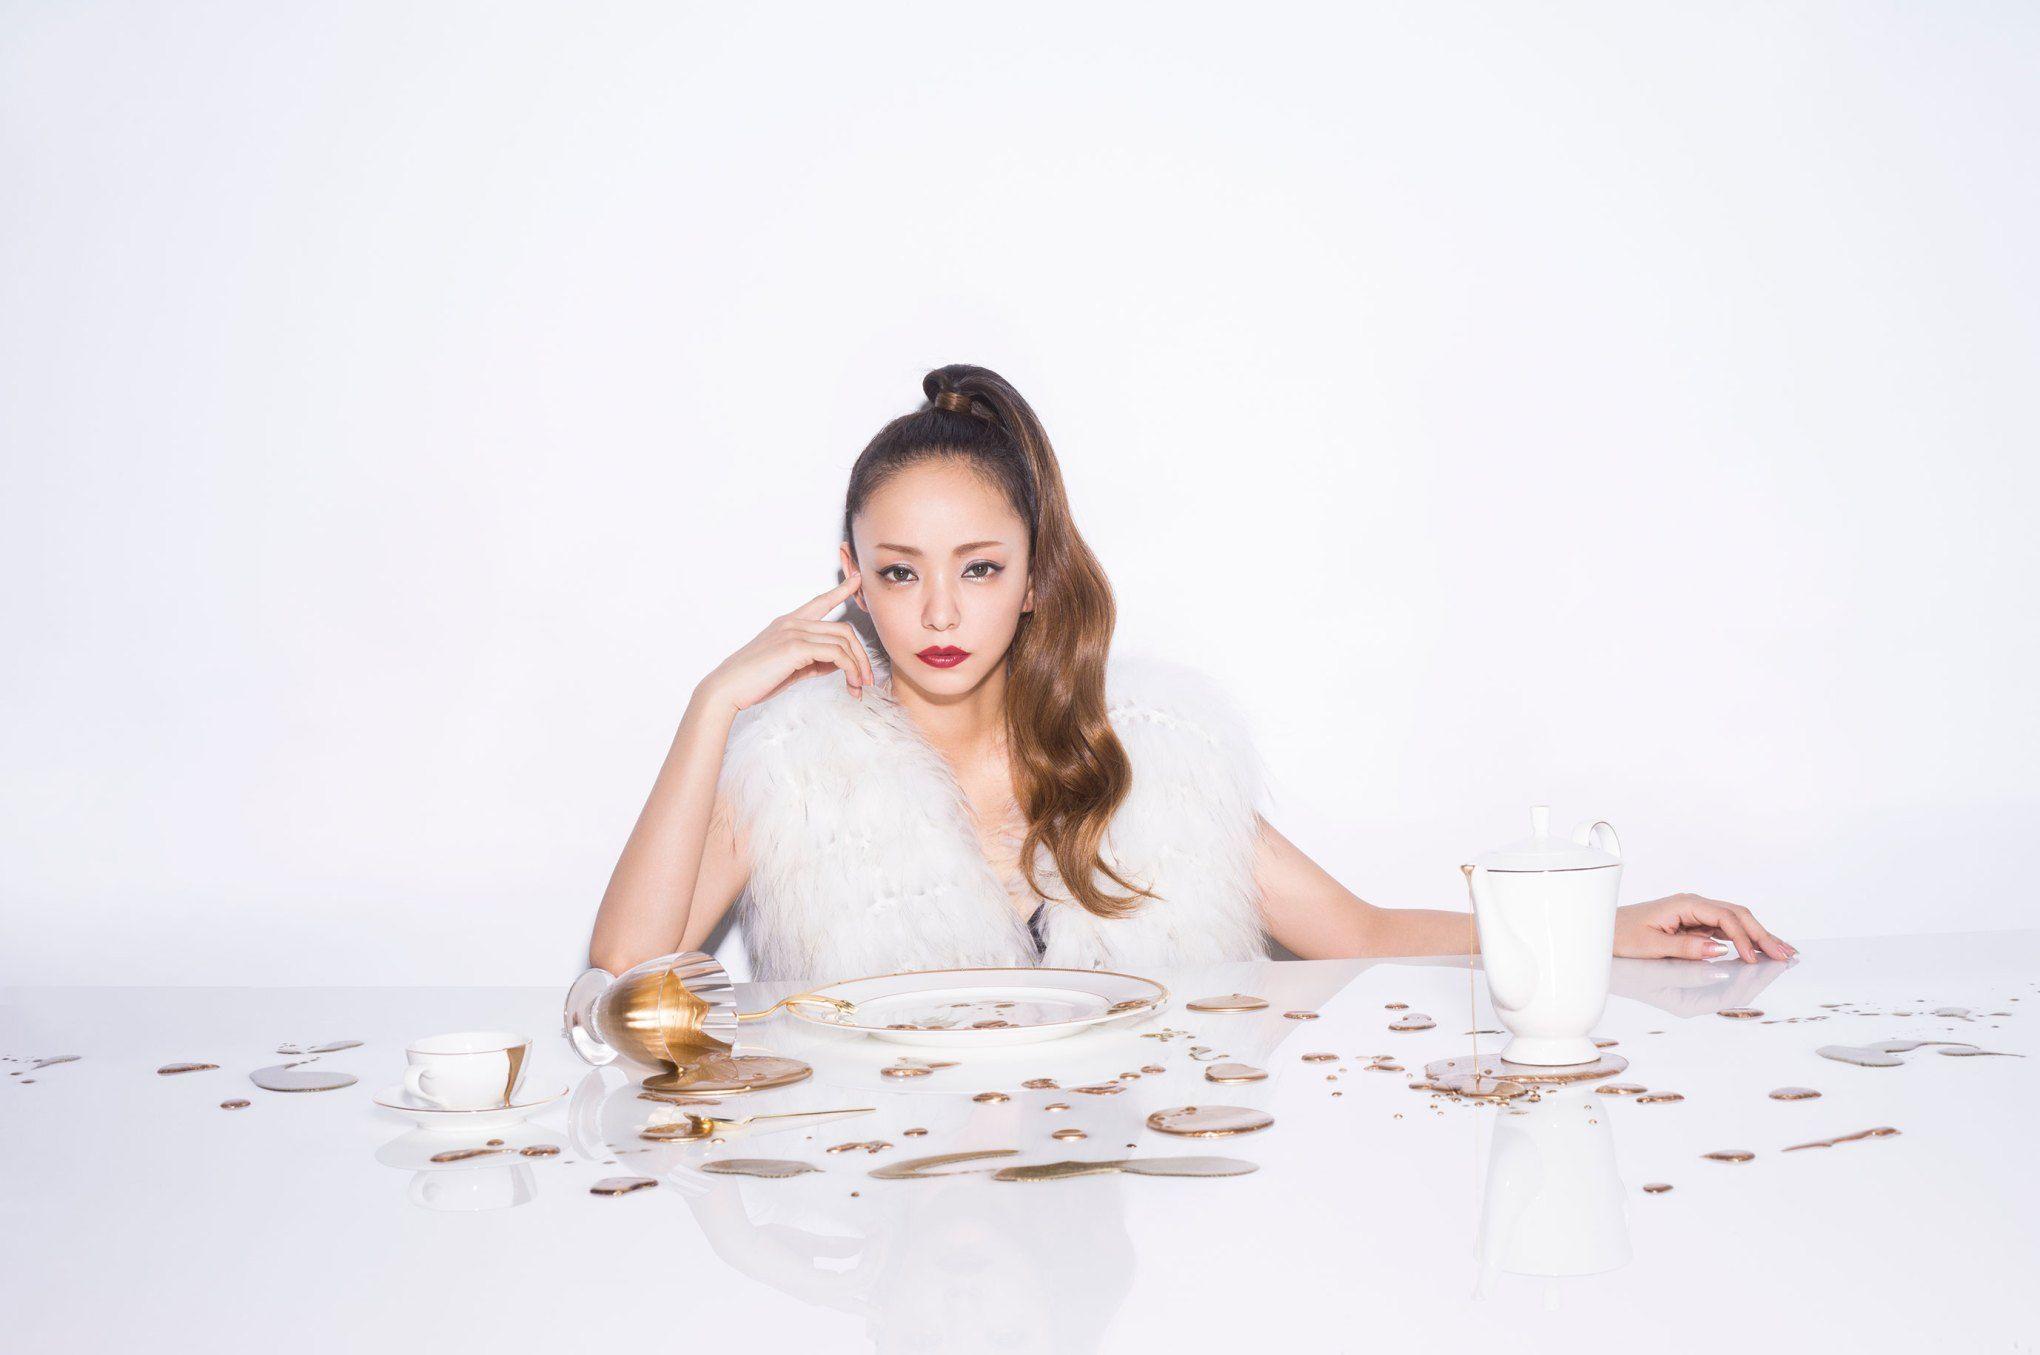 安室奈美恵、追加公演発表!自身初の全100公演に。 #安室奈美恵 #NamieAmuro